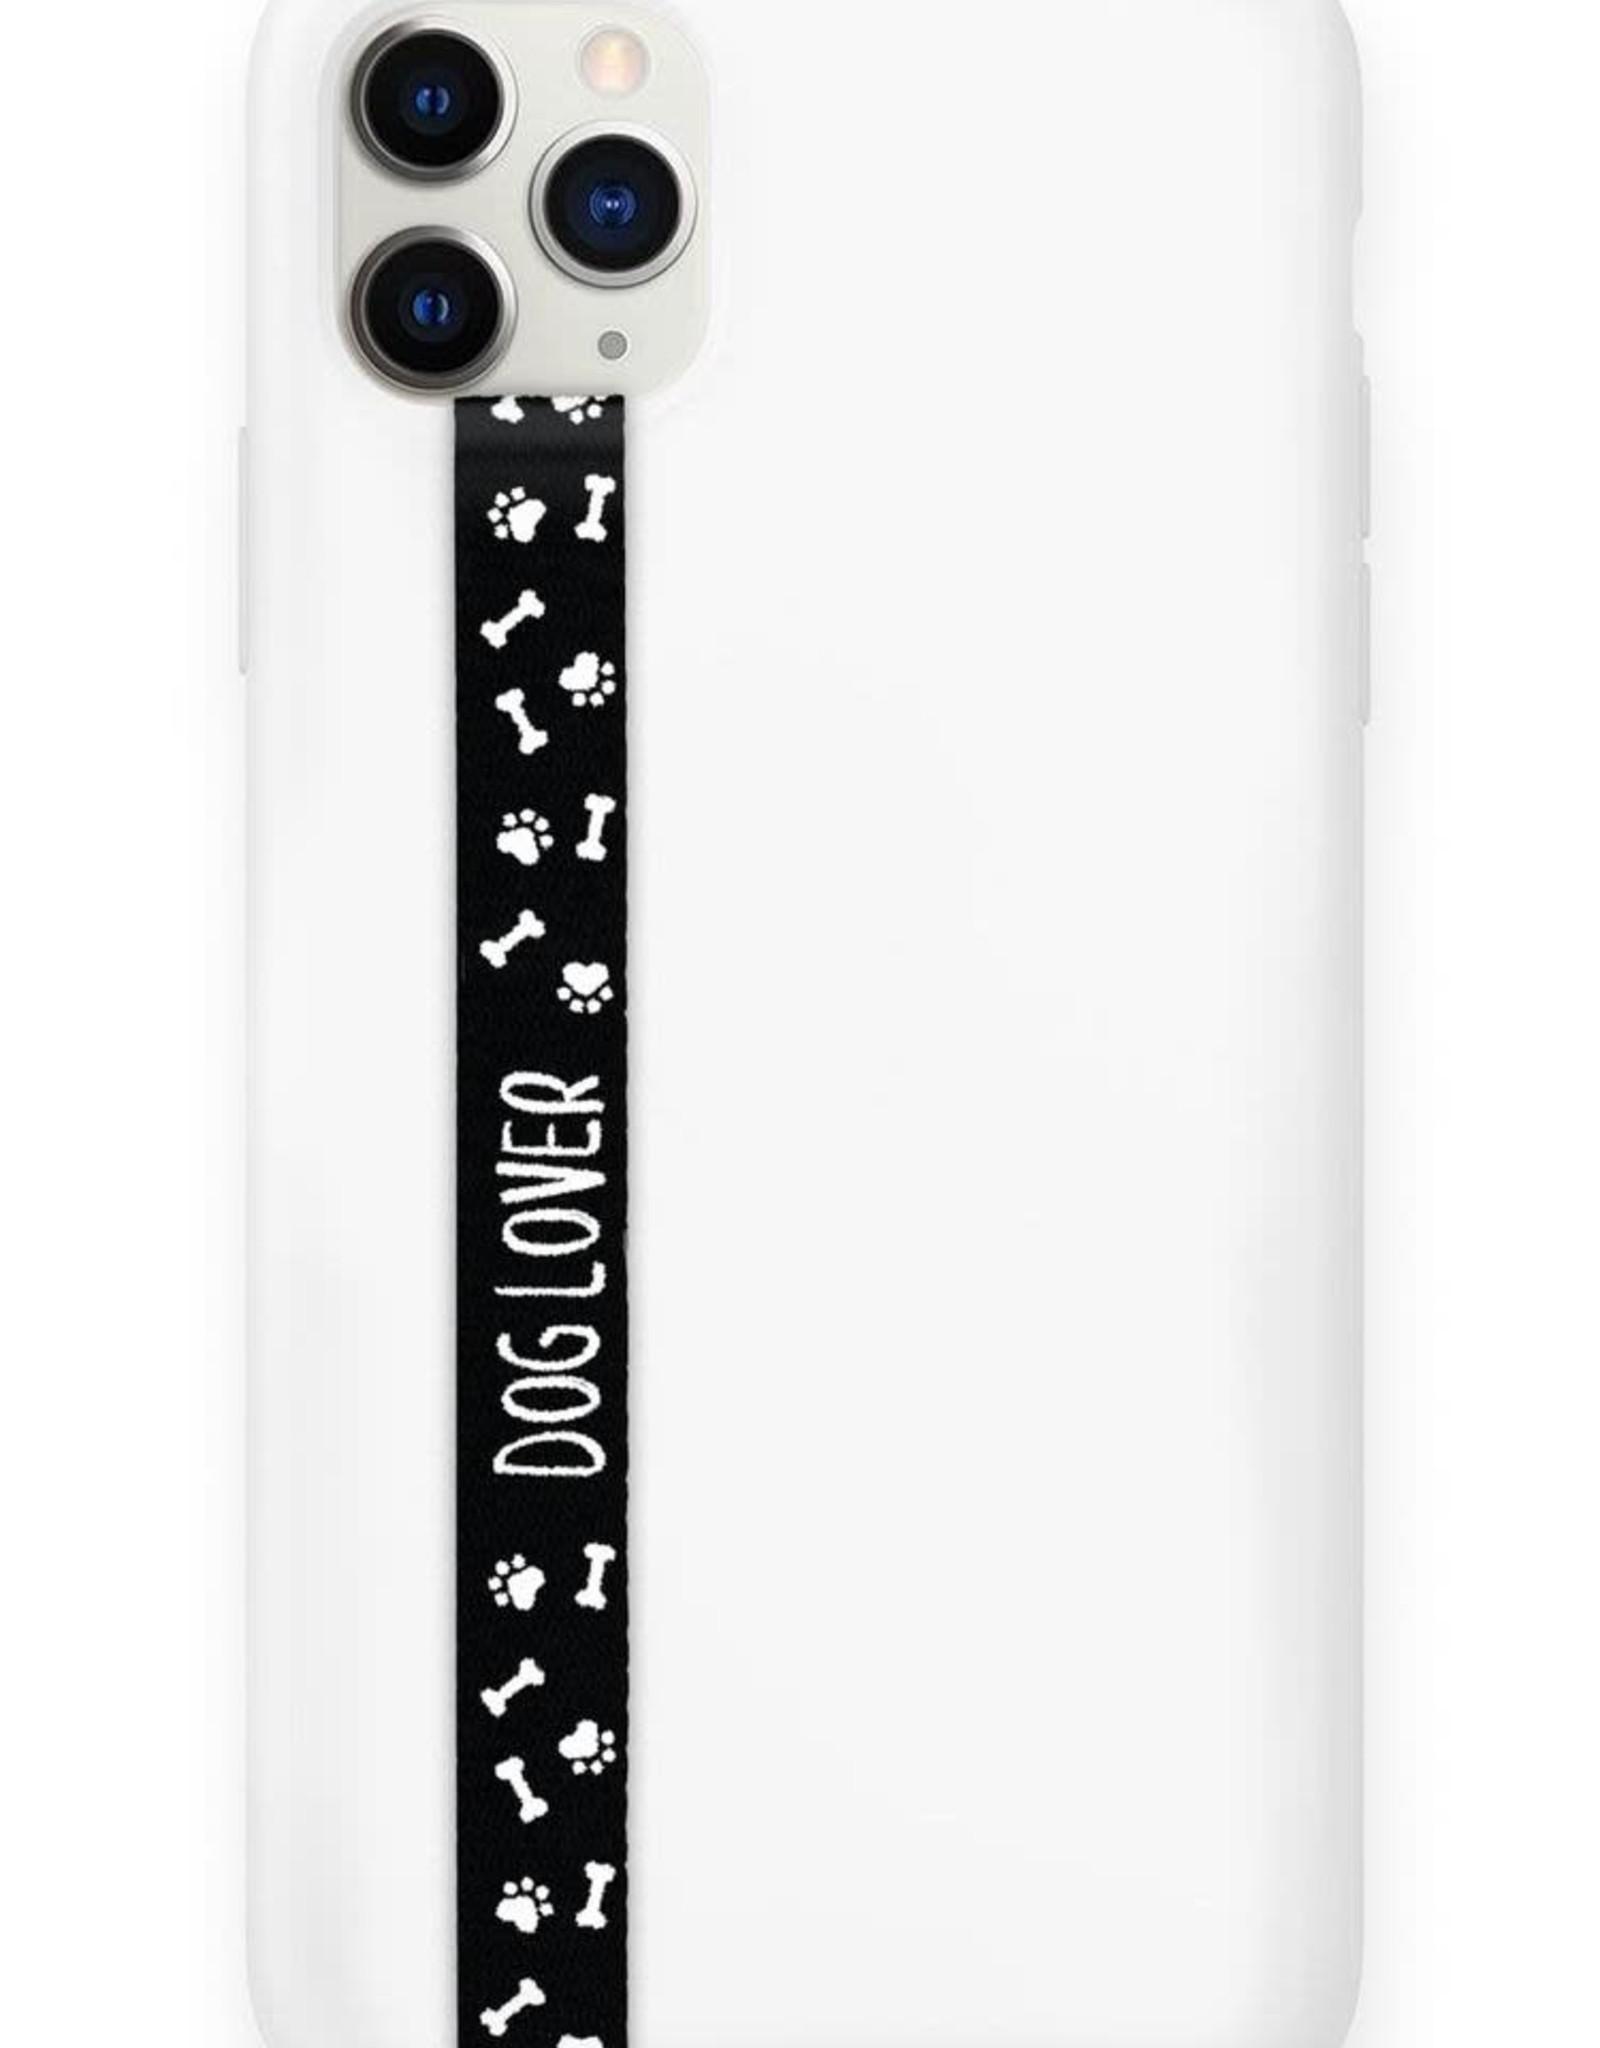 Sangle à cellulaire par Phone loops: Doggy